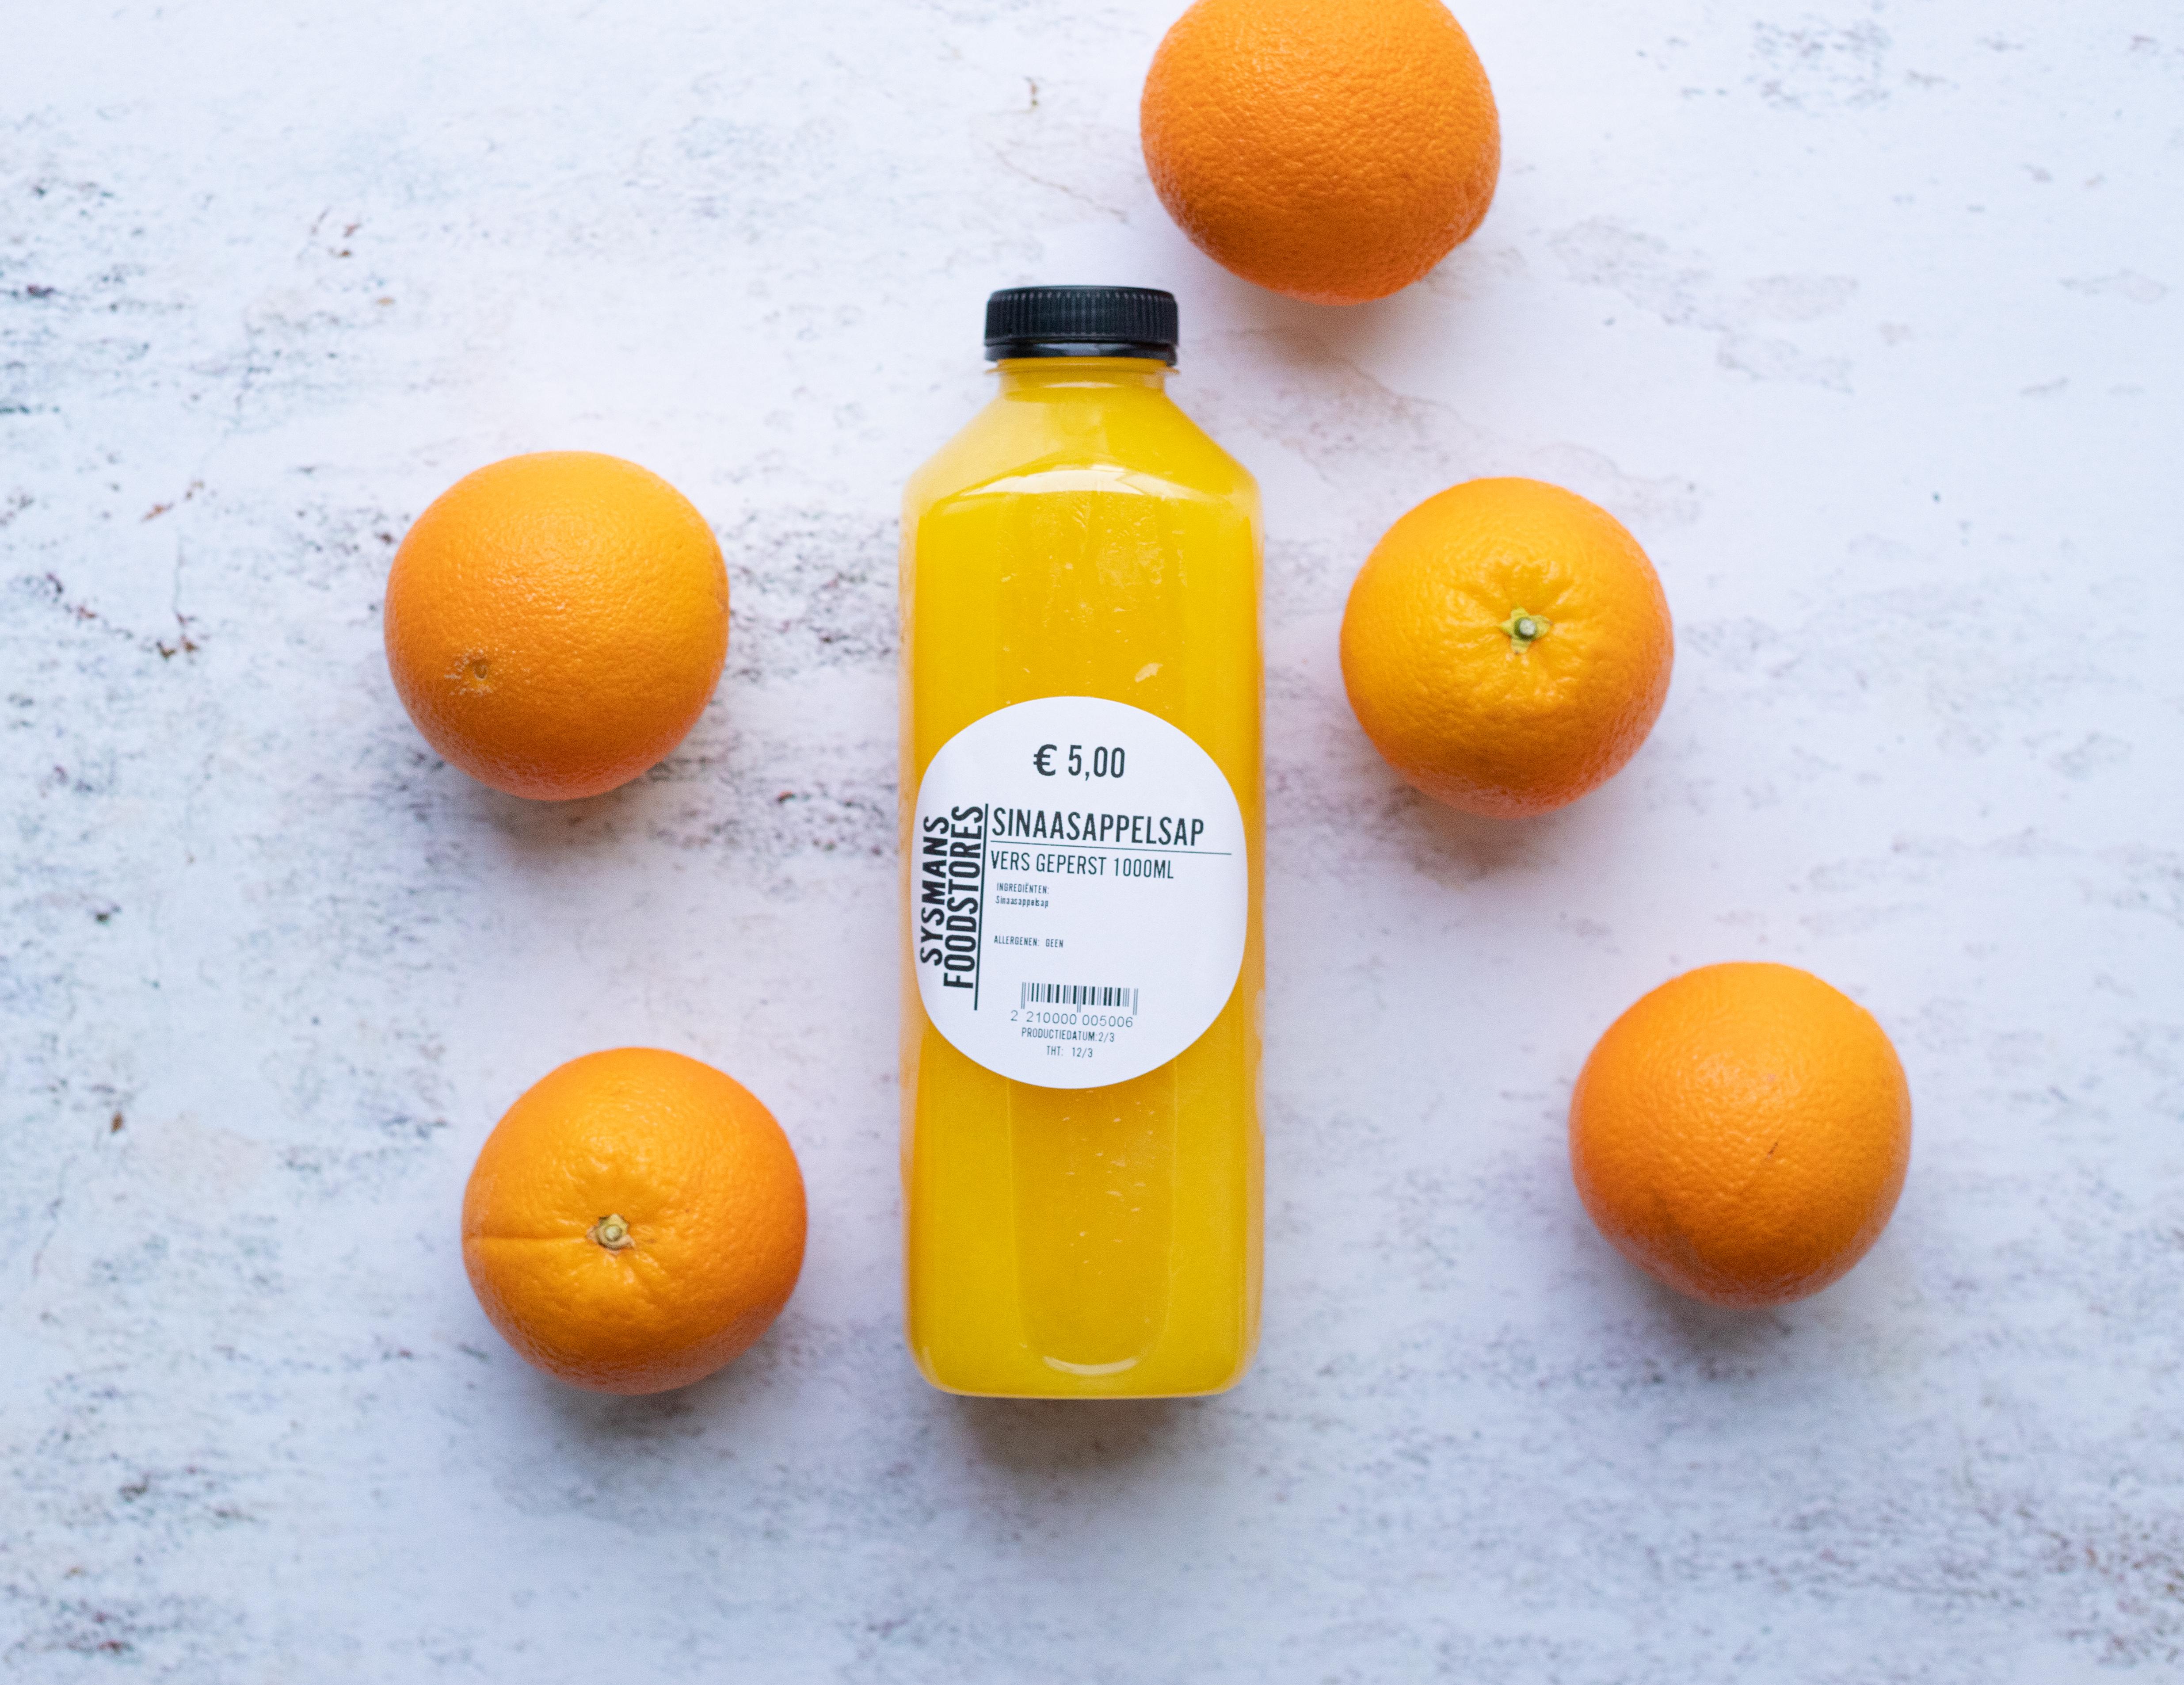 Vers geperst sinaasappelsap (1000ML)